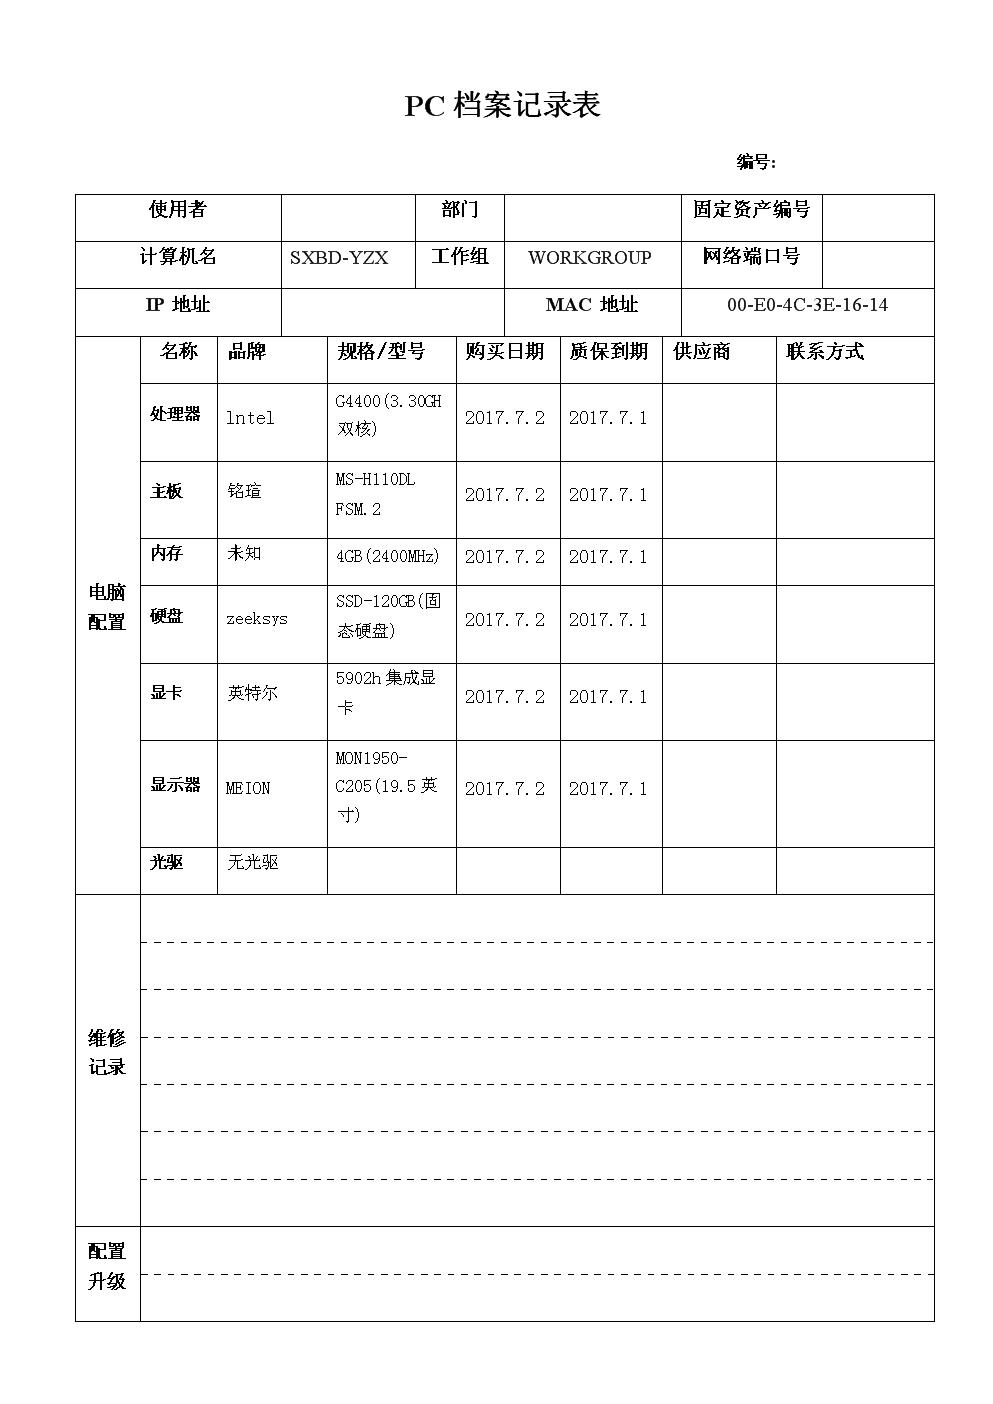 办公电脑档案登记表.docx